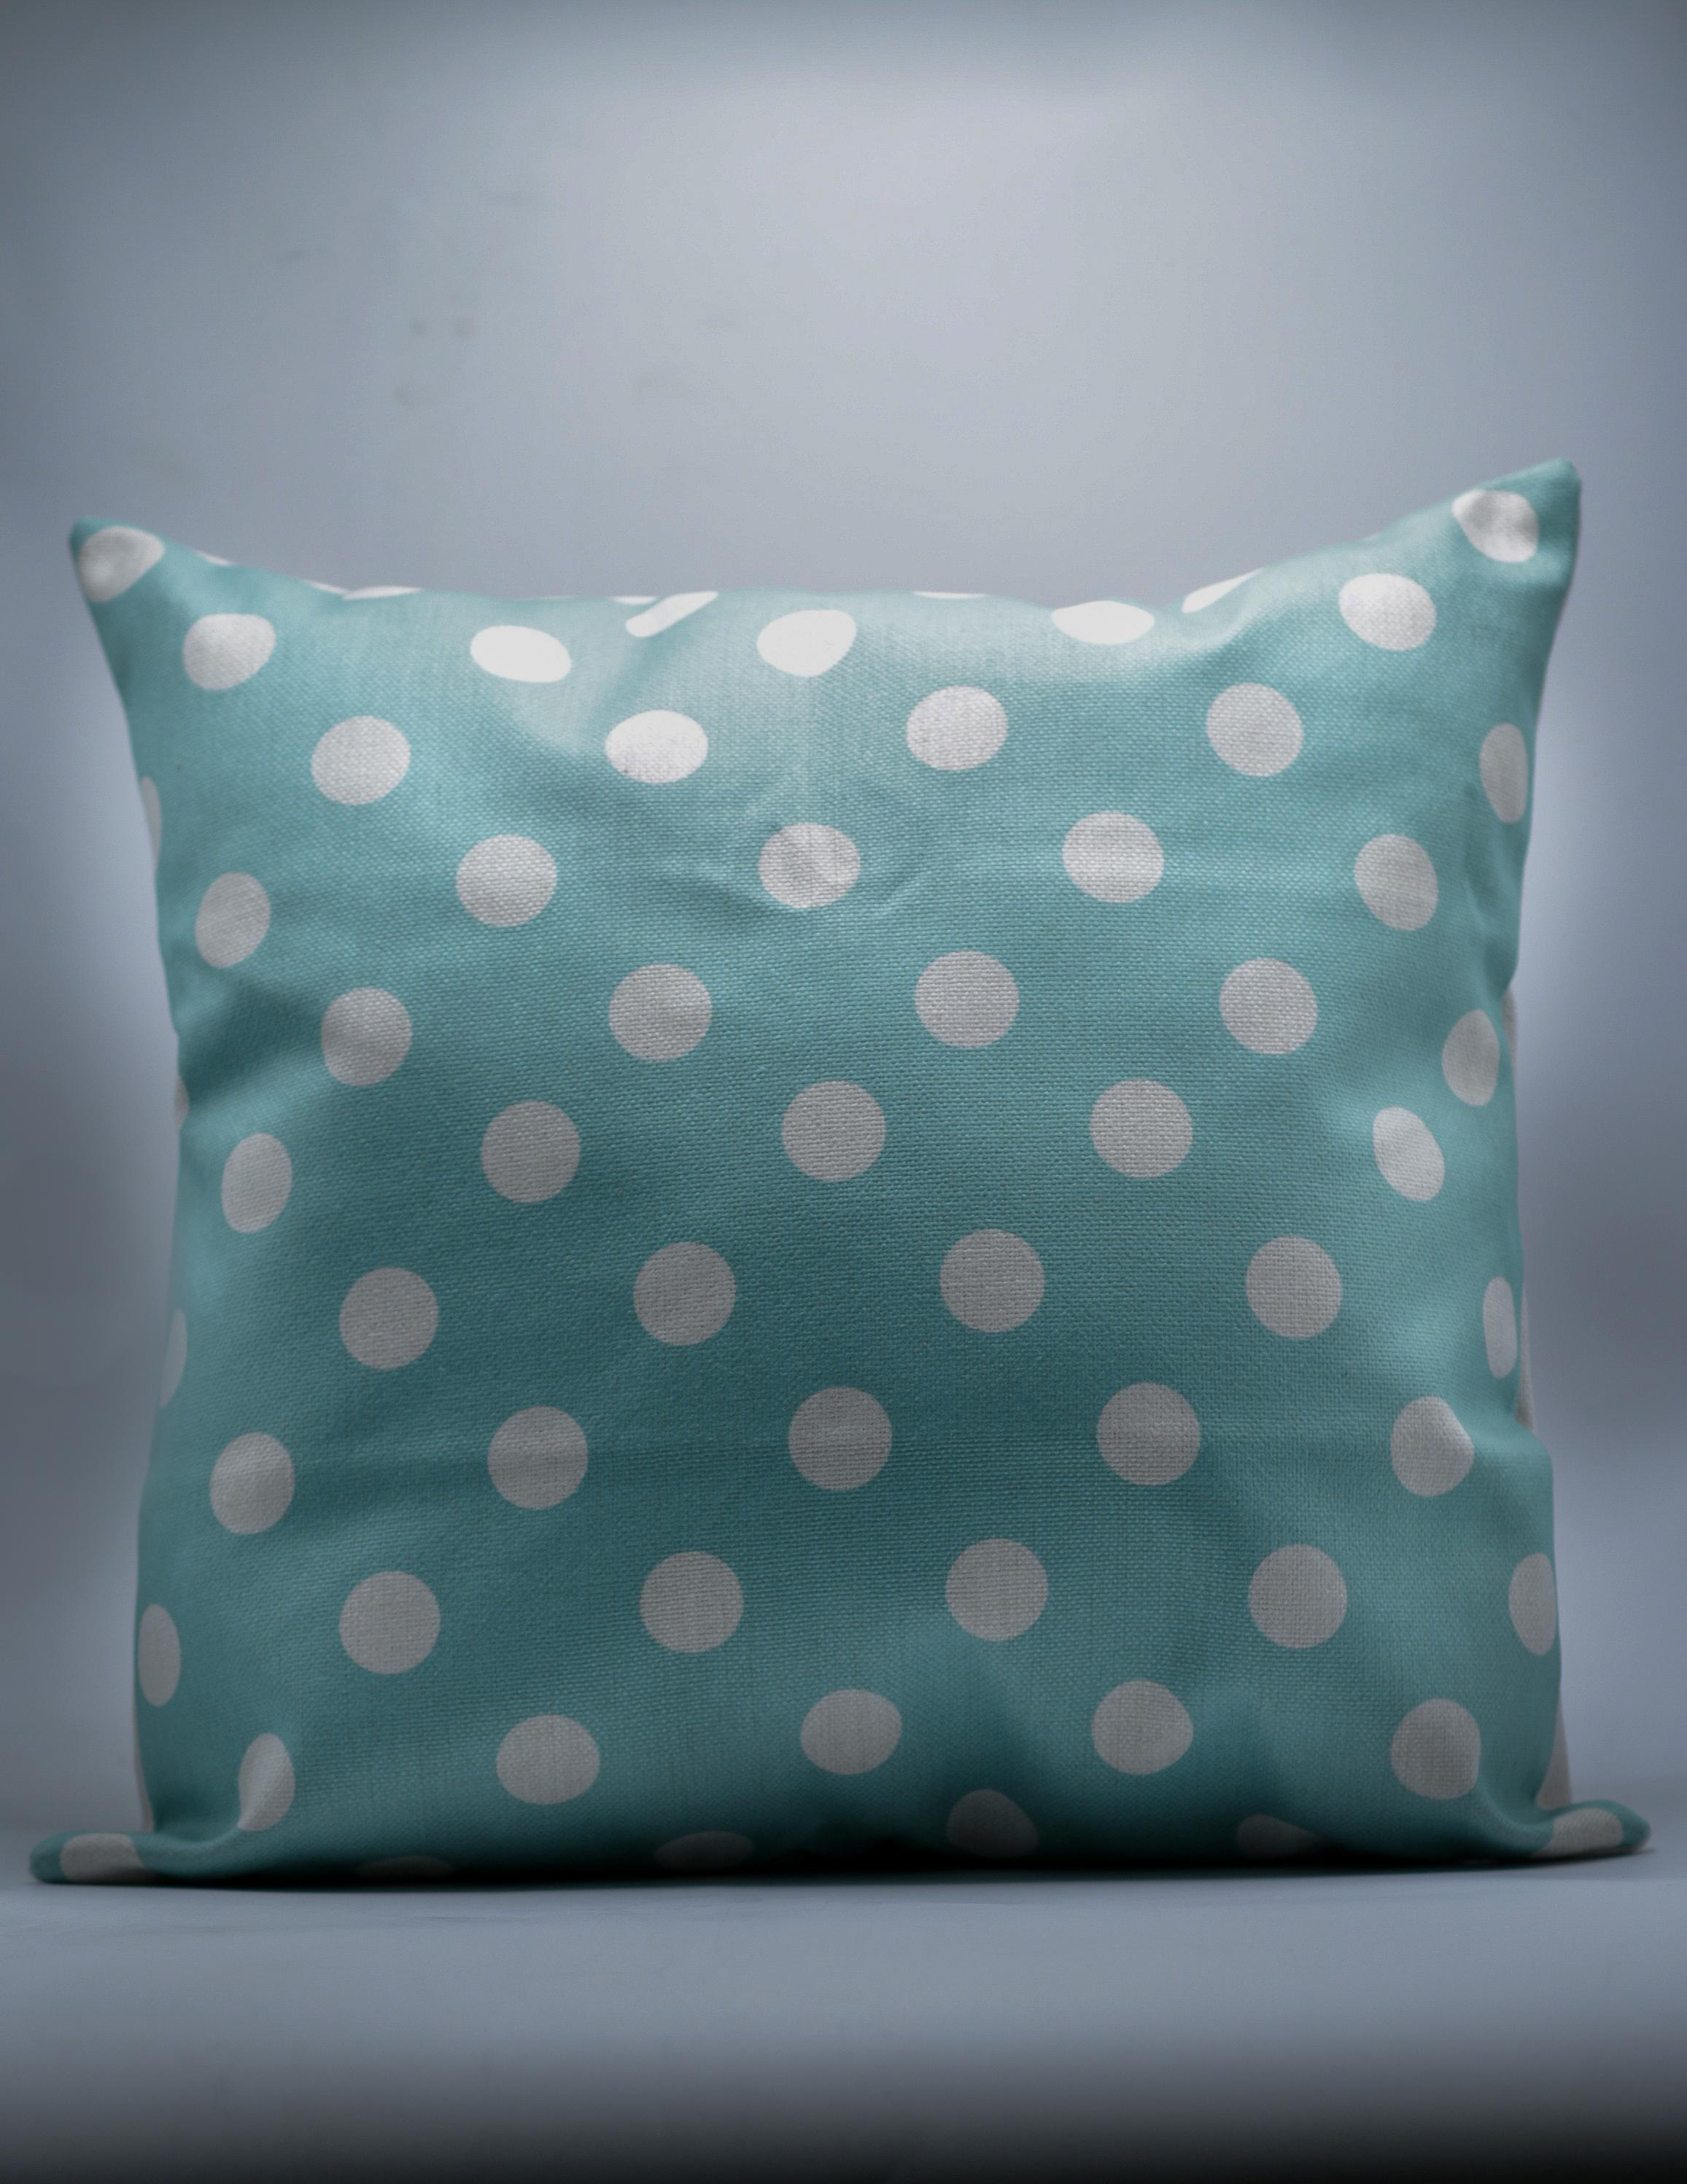 Teal Polka Dot Decorative Throw Pillow